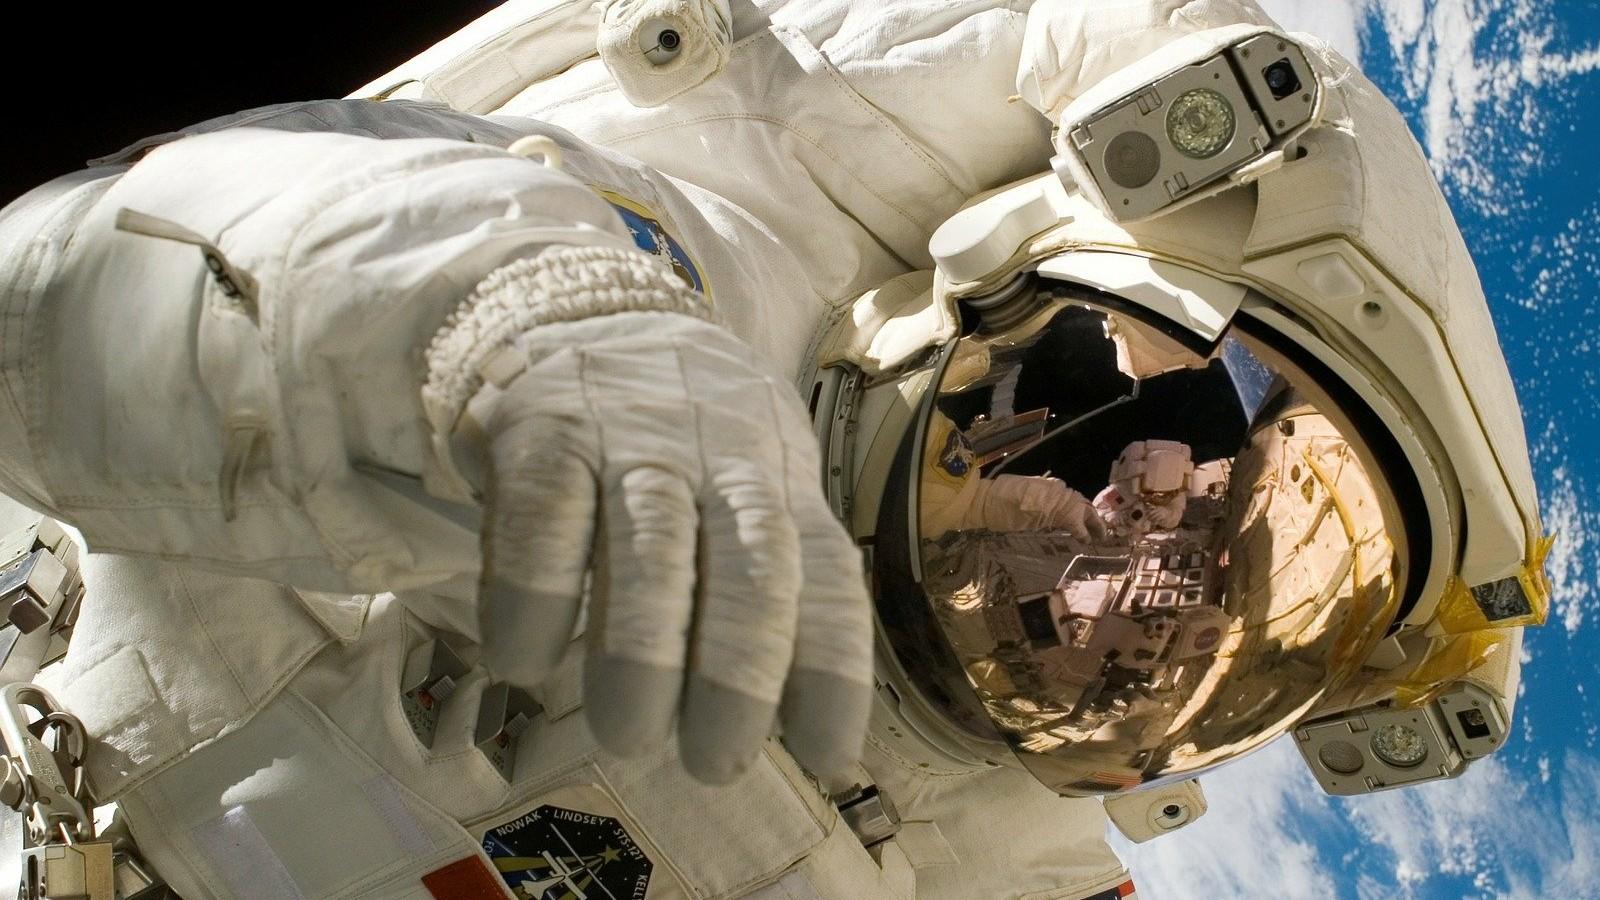 Un astronauta y sus consejos de aislamiento